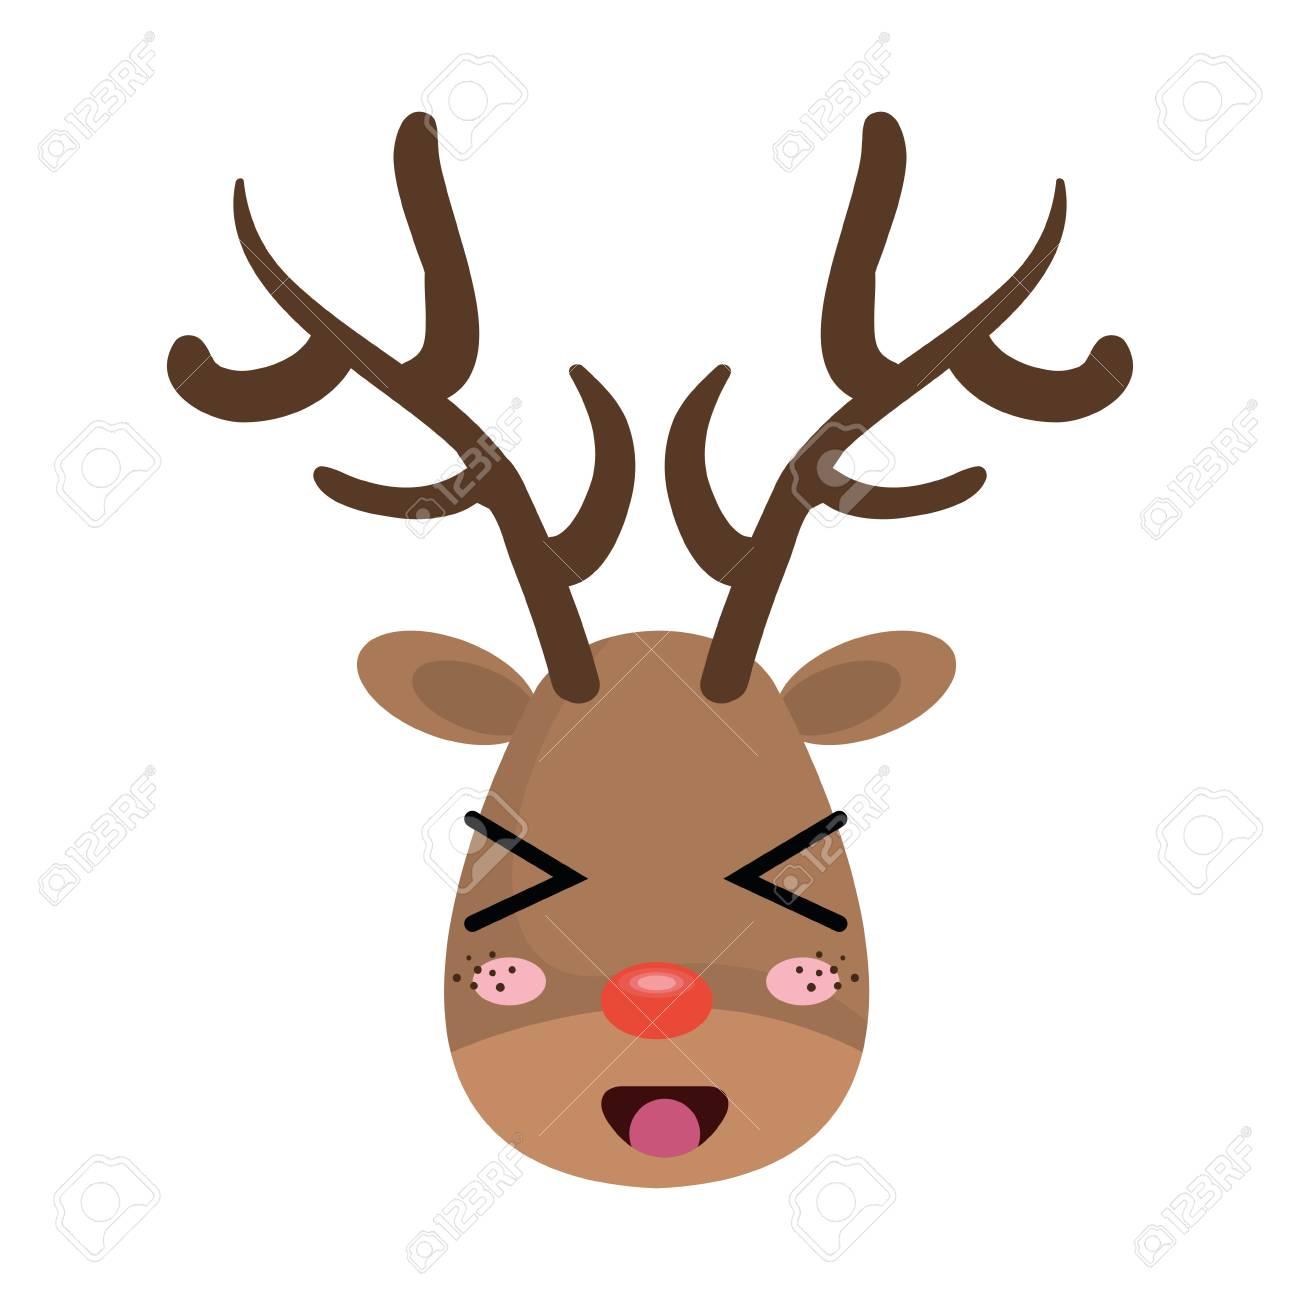 Noel Dessin Anime Cerf Avec Nez Rouge Caractere Rudolph